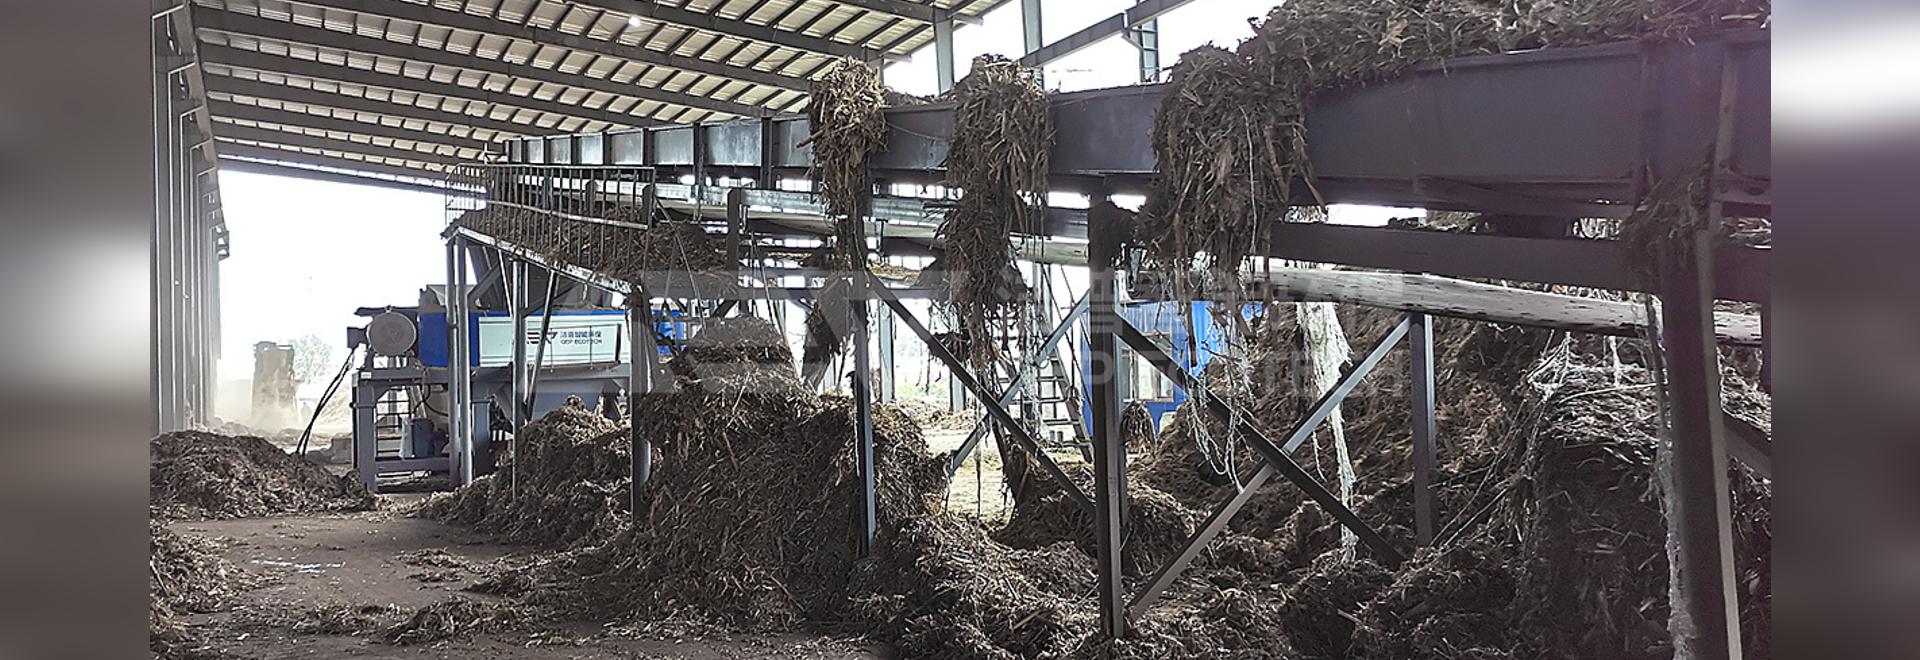 La paille transformée en carburant ! Le GEP ajoute de l'énergie aux projets de production d'électricité à partir de la biomasse